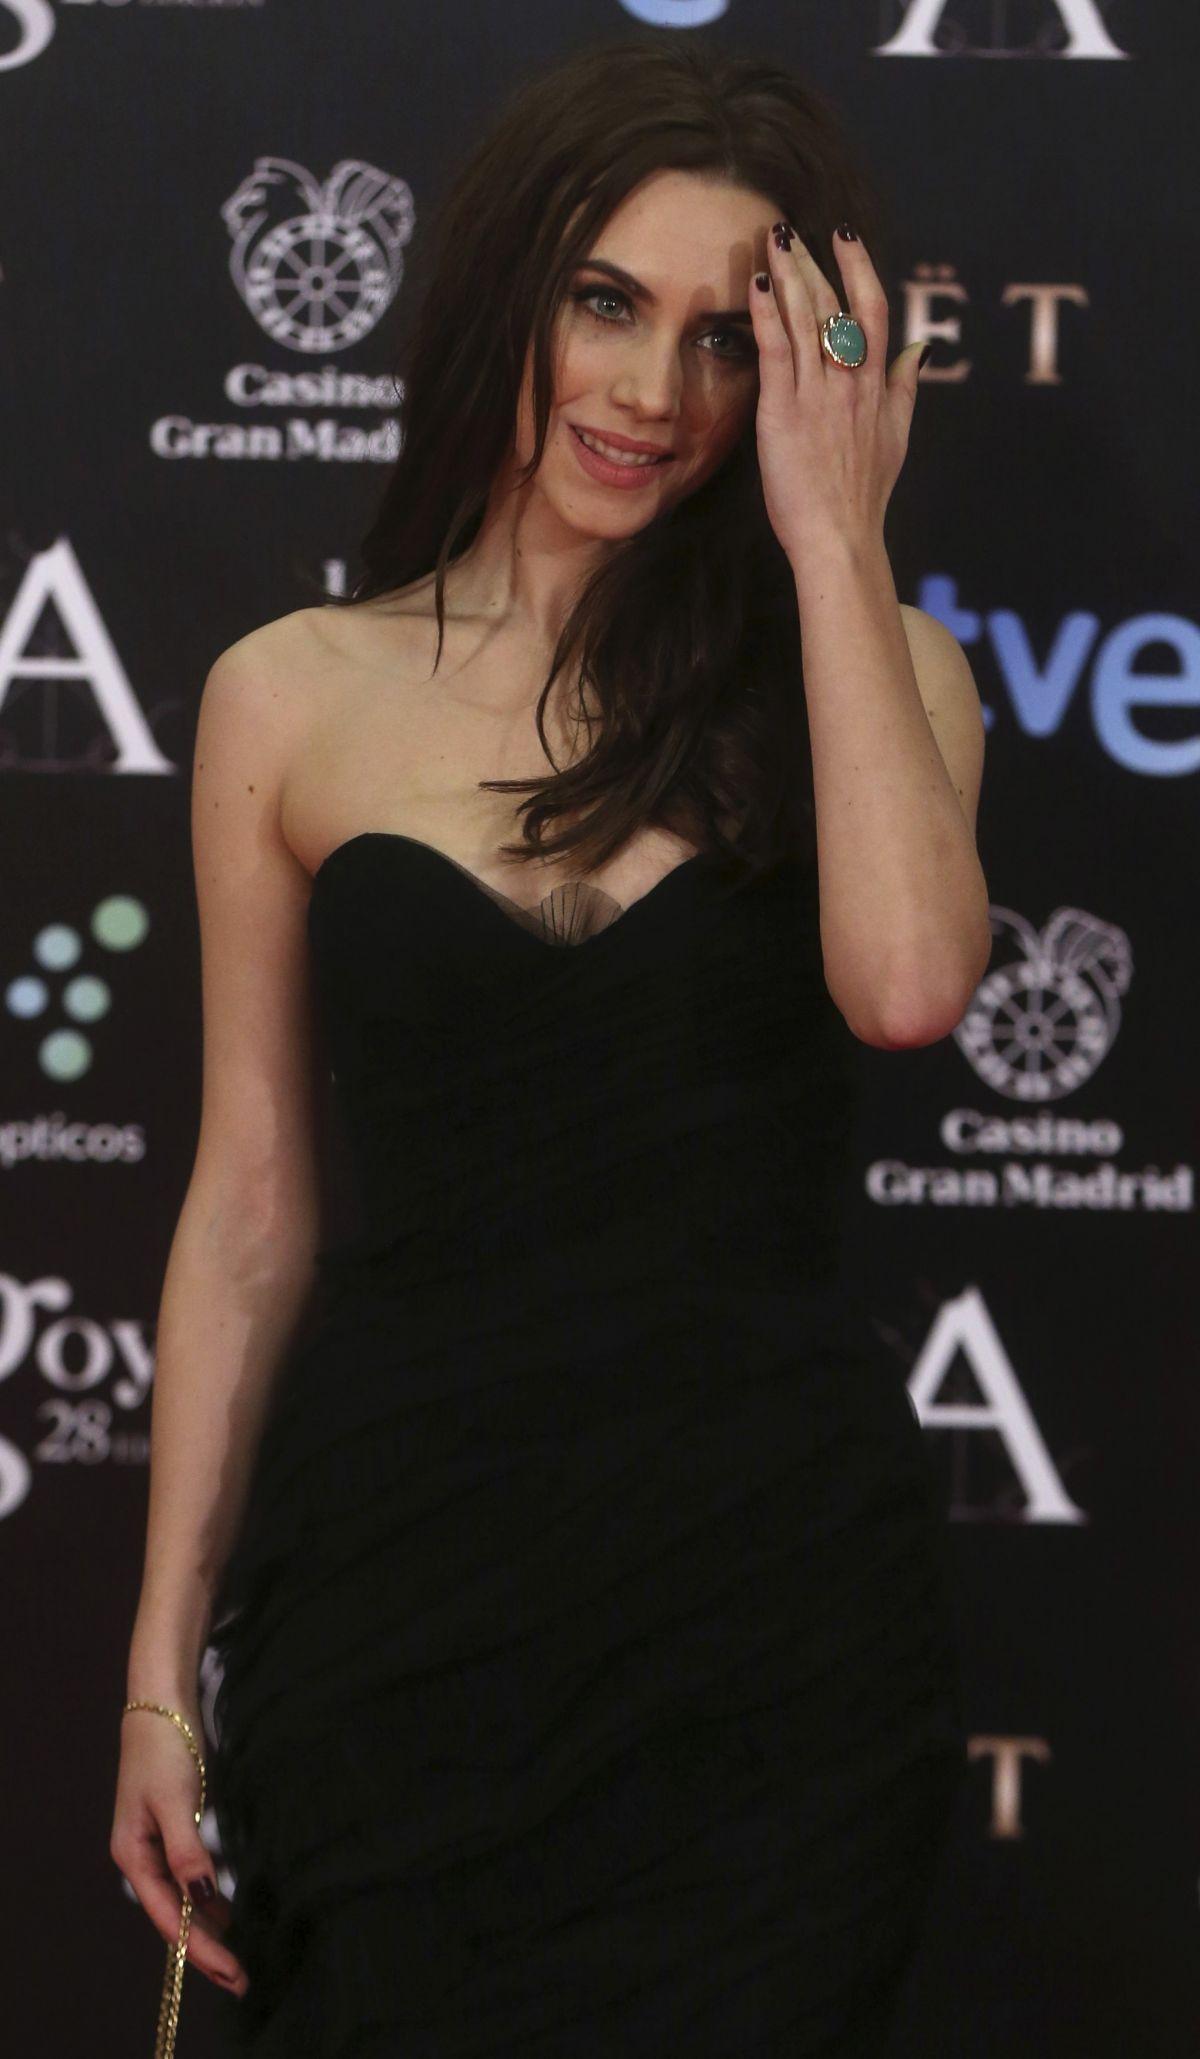 AURA GARRIDO at 2014 Goya Film Awards in Madrid